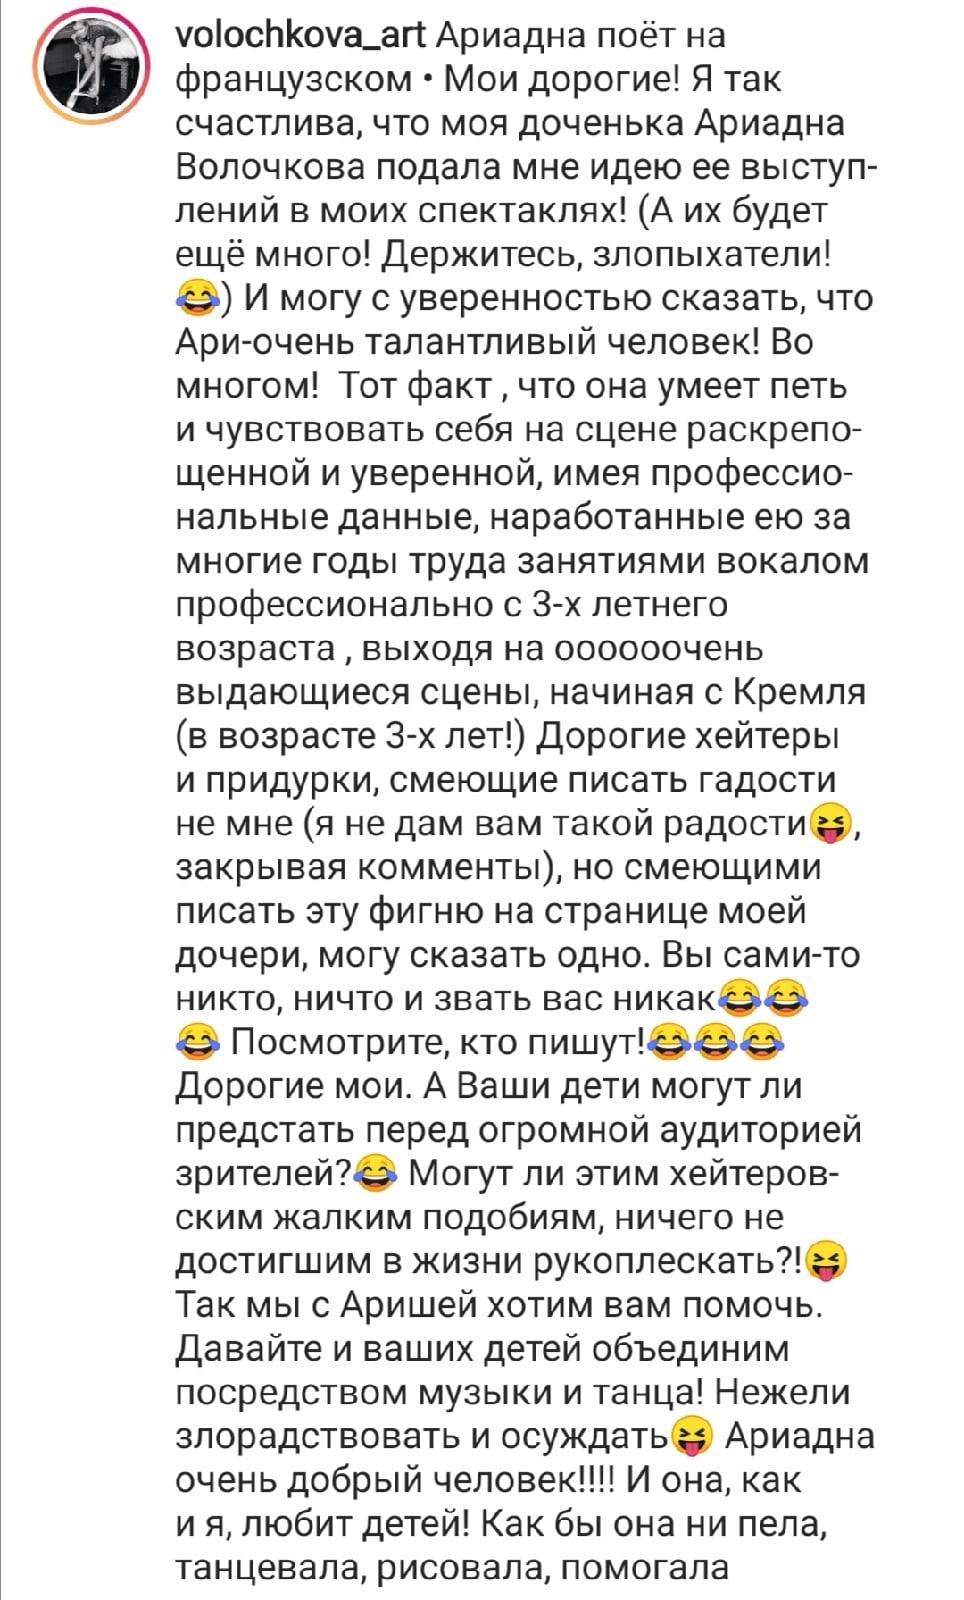 Volochkova - 15-летняя дочь Волочковой спела на спектакле матери и получила шквал критики